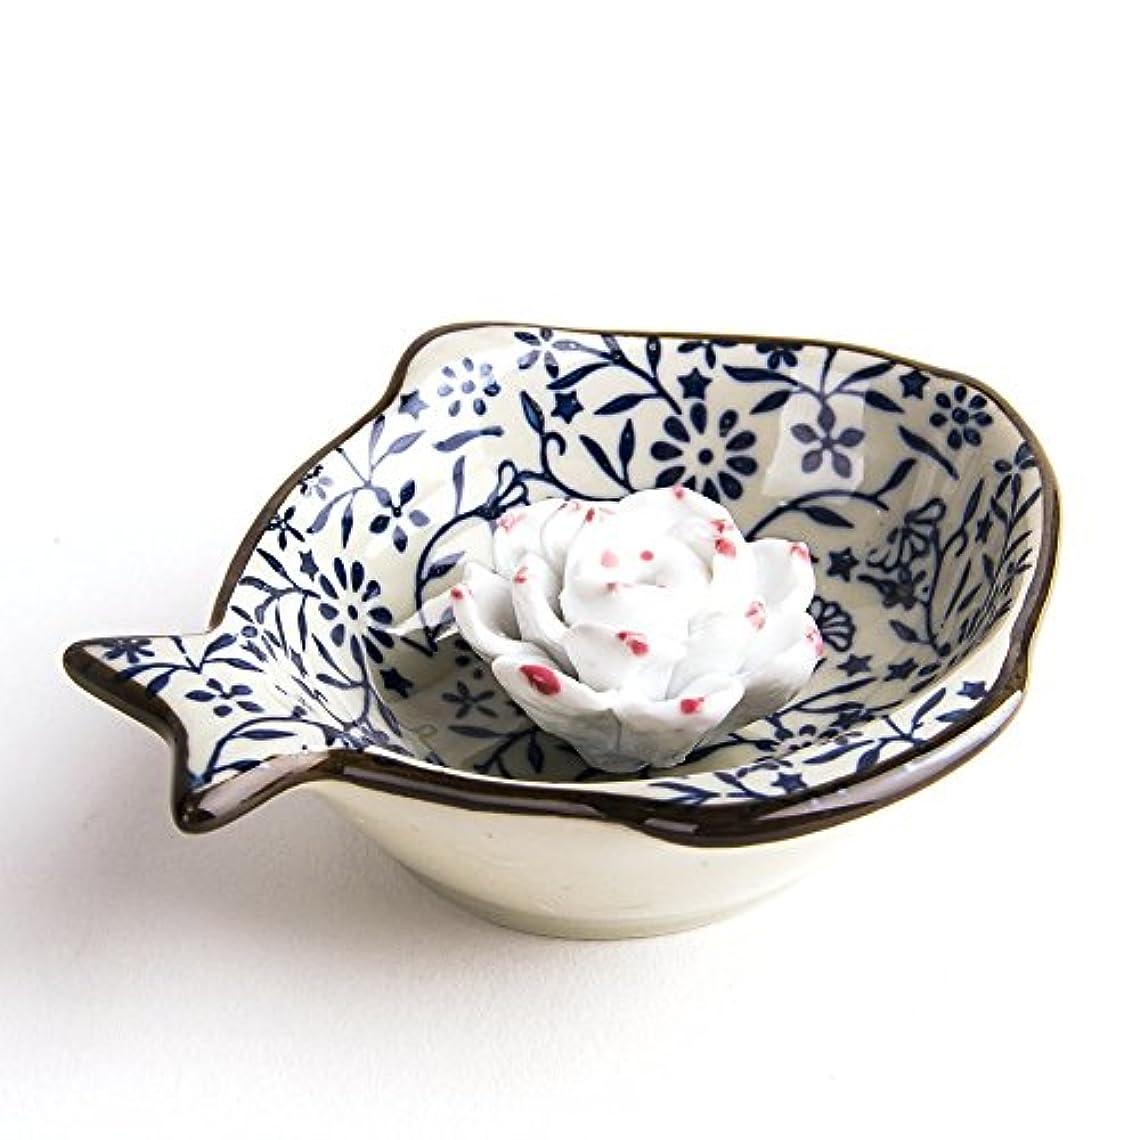 お香立て お香たて 香の器 お香を焚いて 香皿,陶磁器、ブルー